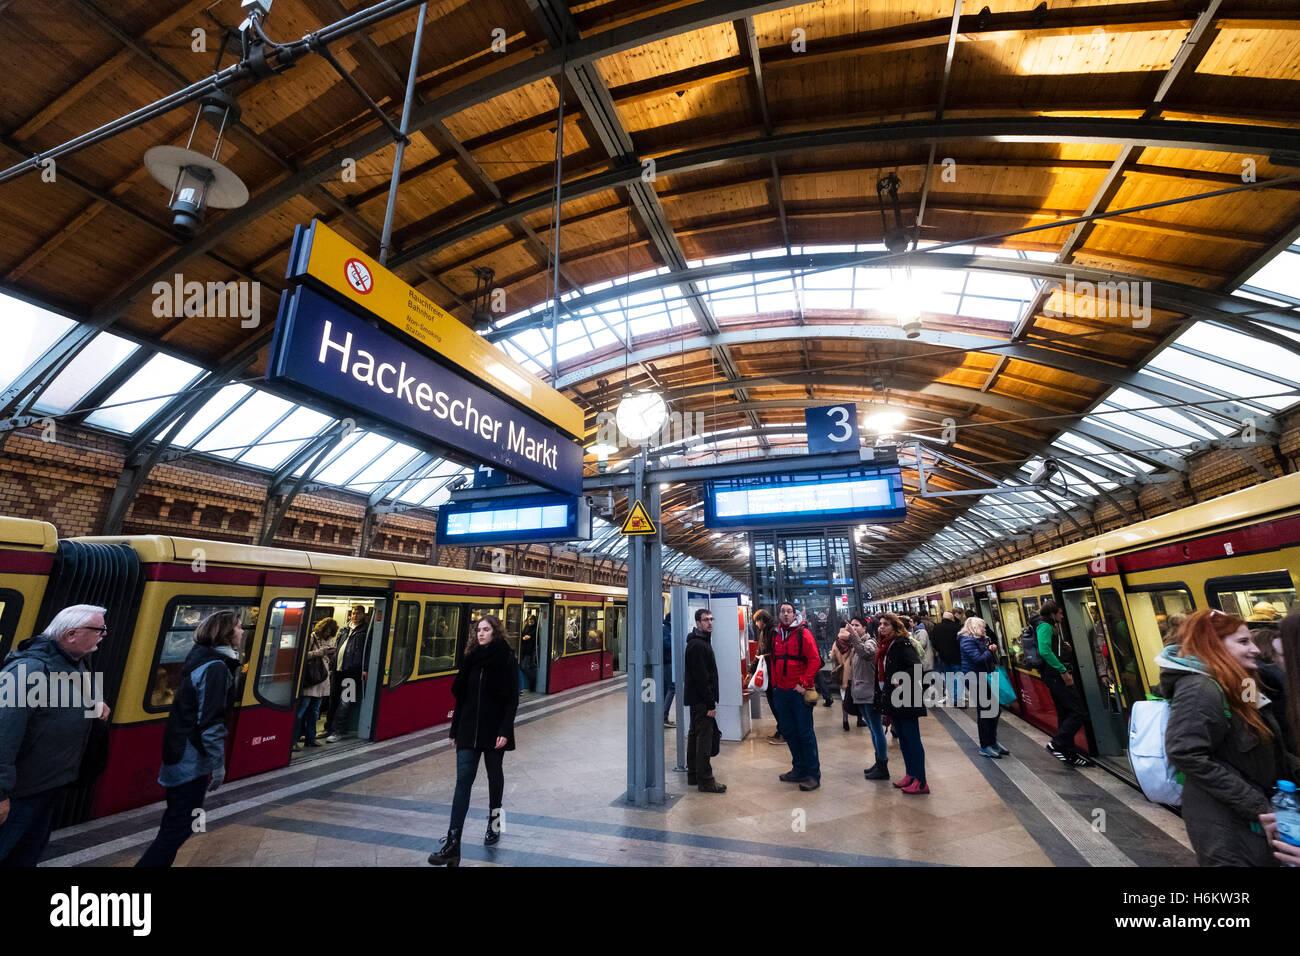 Plattform und S-Bahn-Züge am Bahnhof Hackescher Markt in Berlin Deutschland Stockbild